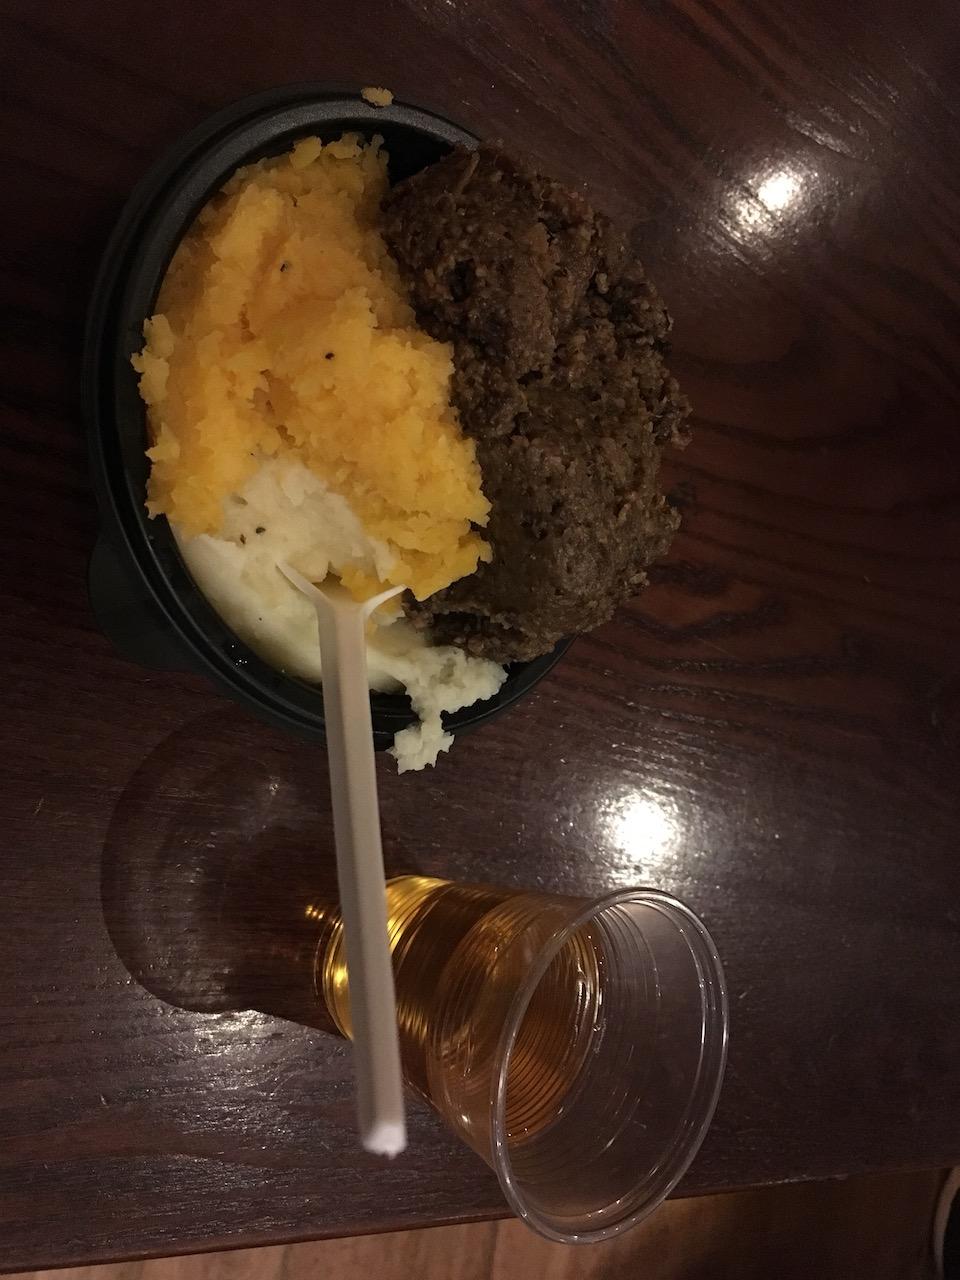 深色的那个就是苏格兰的国菜:haggis。大家不要激动,这是学校迎新活动免费提供给大家品尝的,所以很简陋。其实味道挺好哒,但很多人觉得它比较油。